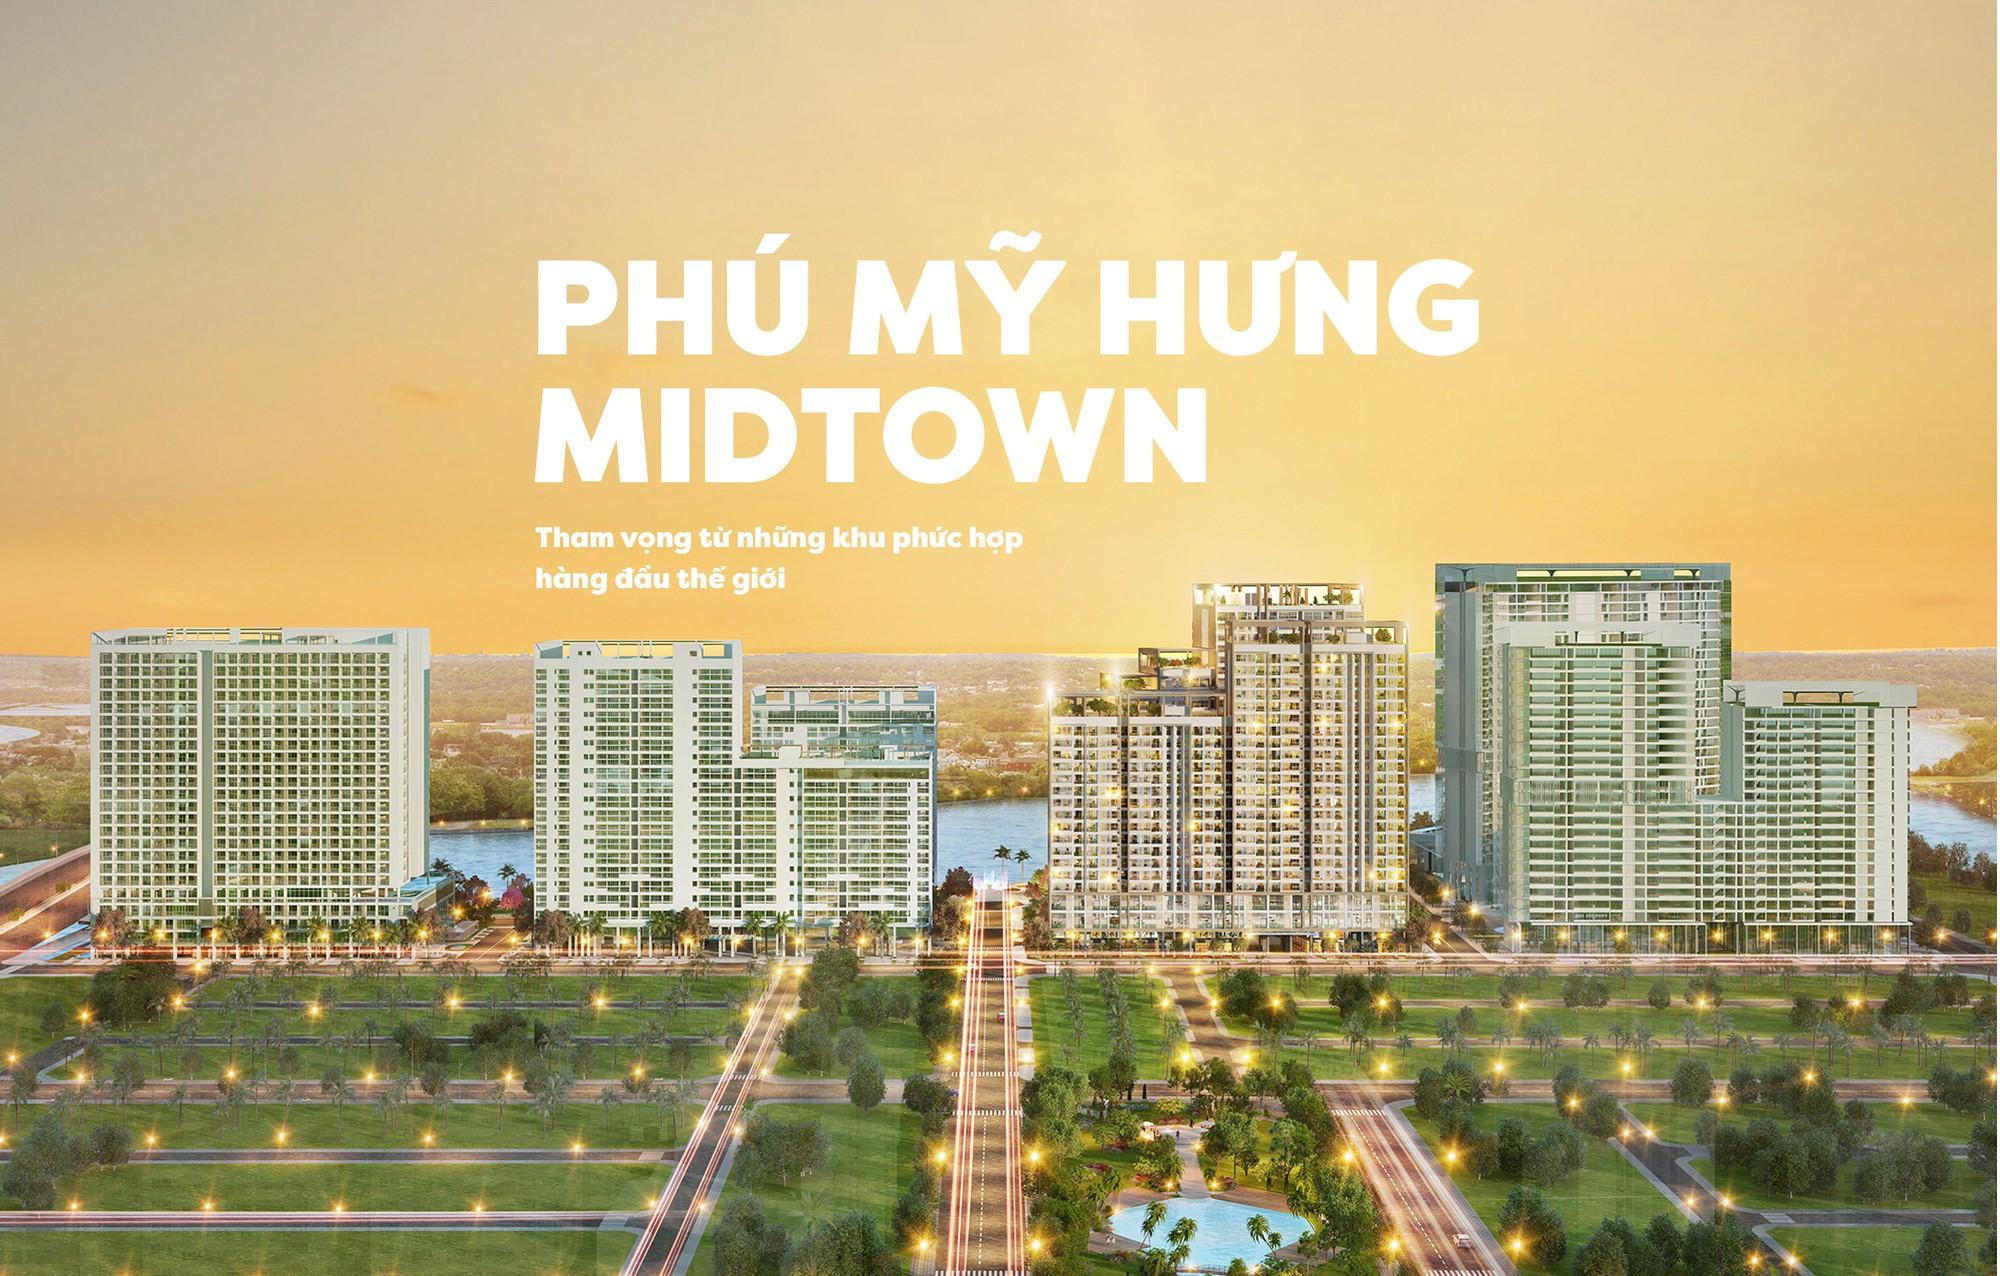 Khi thị trường Bất động sản là một cuộc chơi, Phú Mỹ Hưng được xem là chủ đầu tư tự định luật cho chính mình - Ảnh 8.